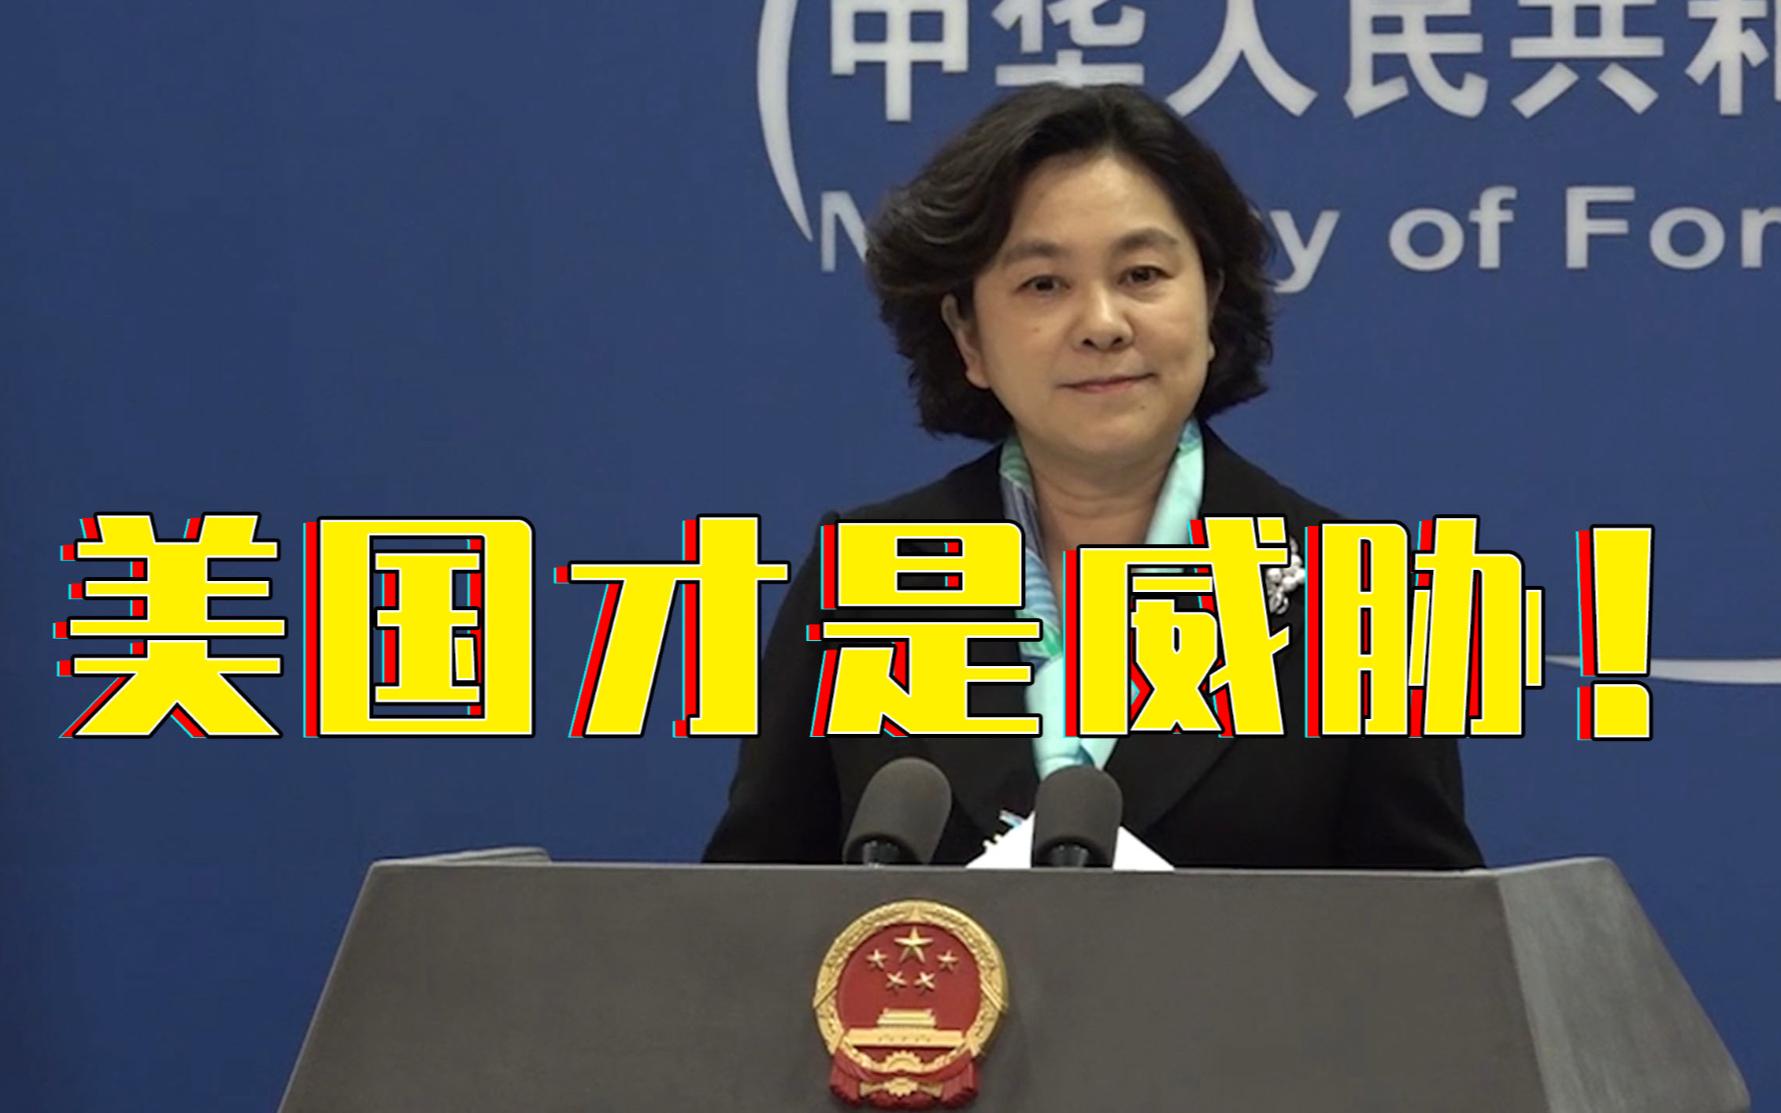 华春莹:中国不是威胁 美国才是威胁